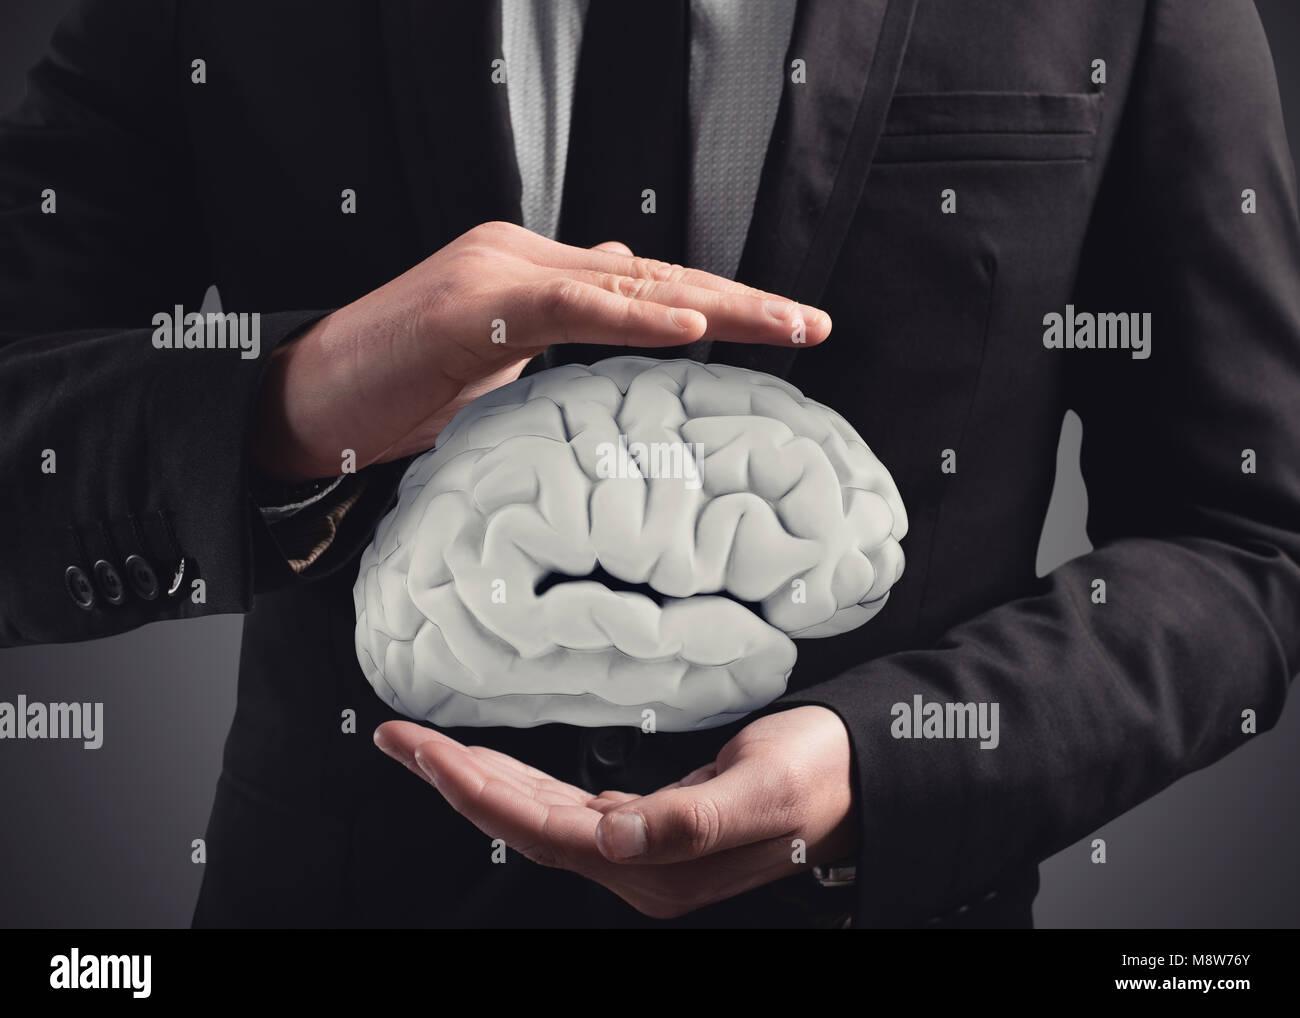 Man schützt ein Gehirn mit seinen Händen. 3D-Rendering Stockbild